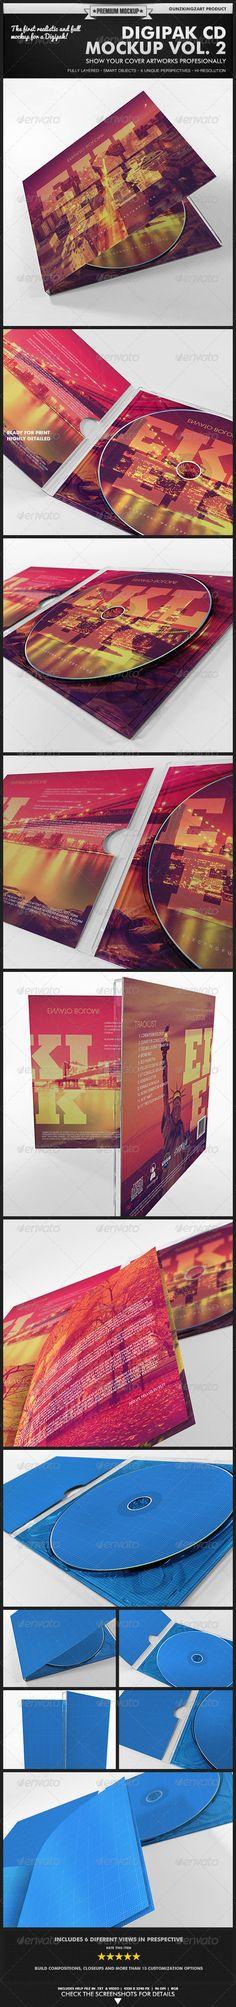 Digipak CD Mockup Vol. 2 - Kit - Discs Packaging